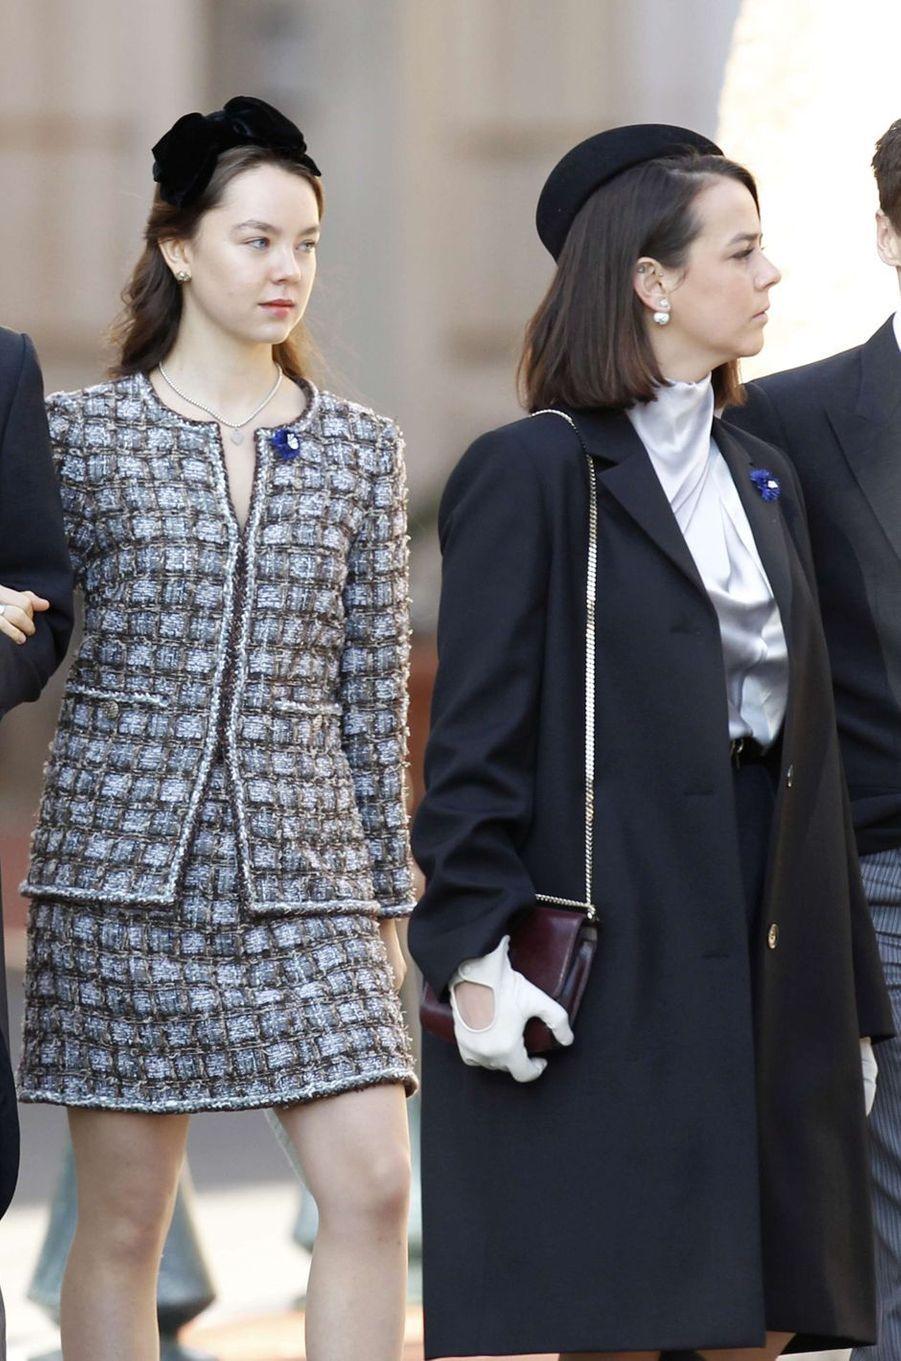 La princesse Alexandra de Hanovre et Pauline Ducruet à Monaco, le 19 novembre 2018